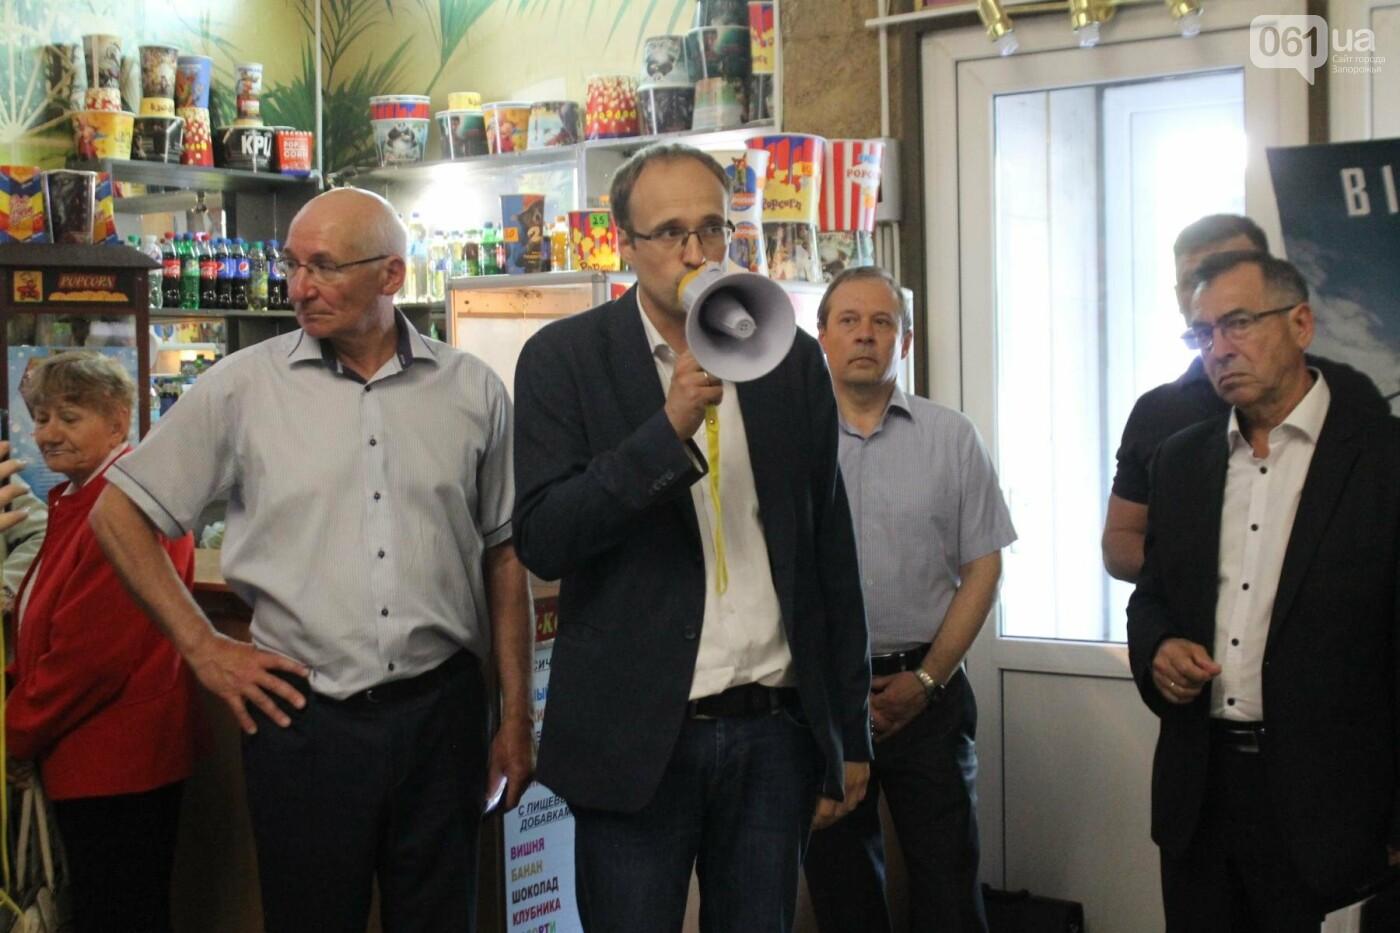 Как прошли общественные слушания о застройке сквера Яланского, – ФОТОРЕПОРТАЖ, фото-28